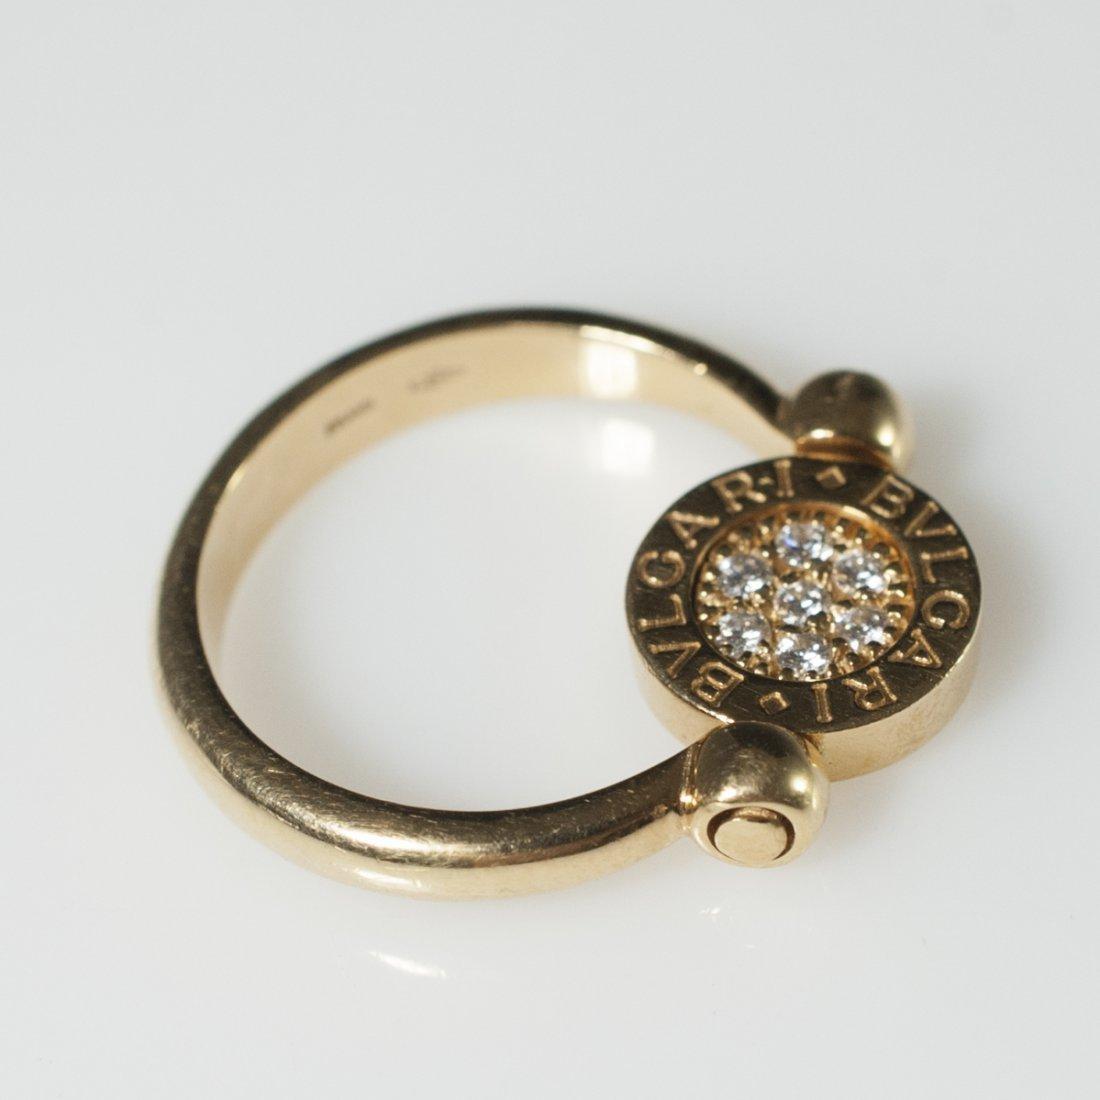 Bvlgari 18kt Gold & Diamond Flip Ring - 5